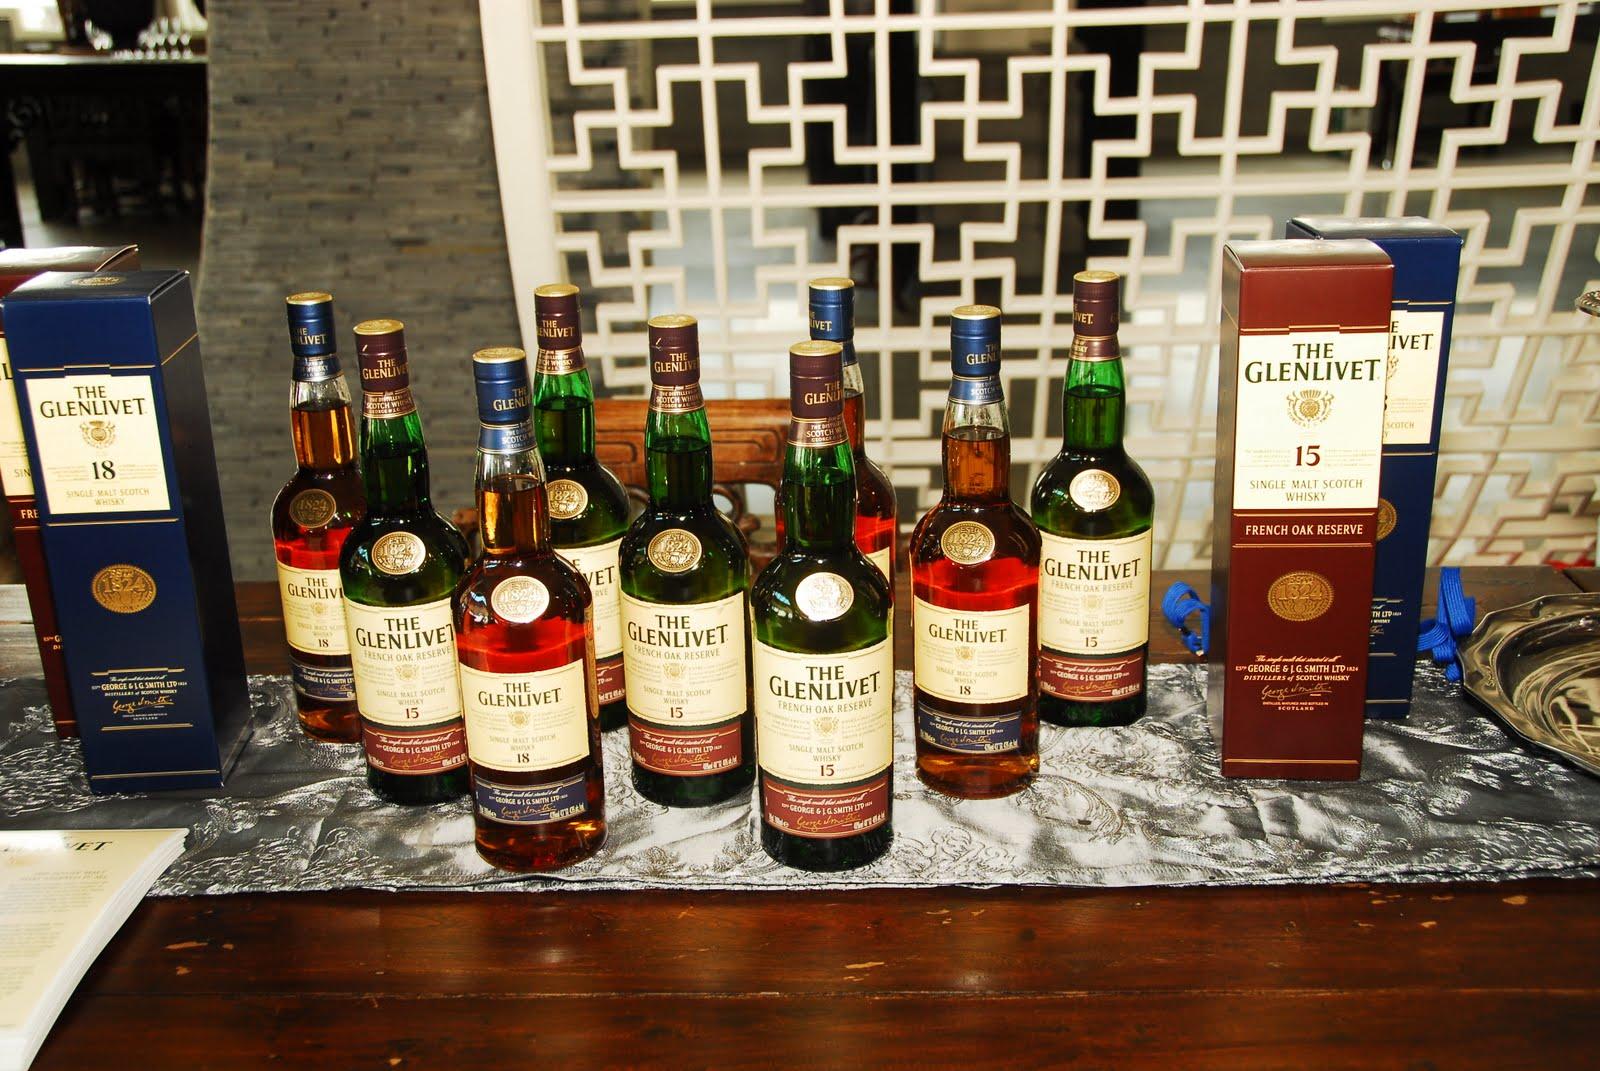 Cata los mejores whiskies del mundo por sólo 150 libras